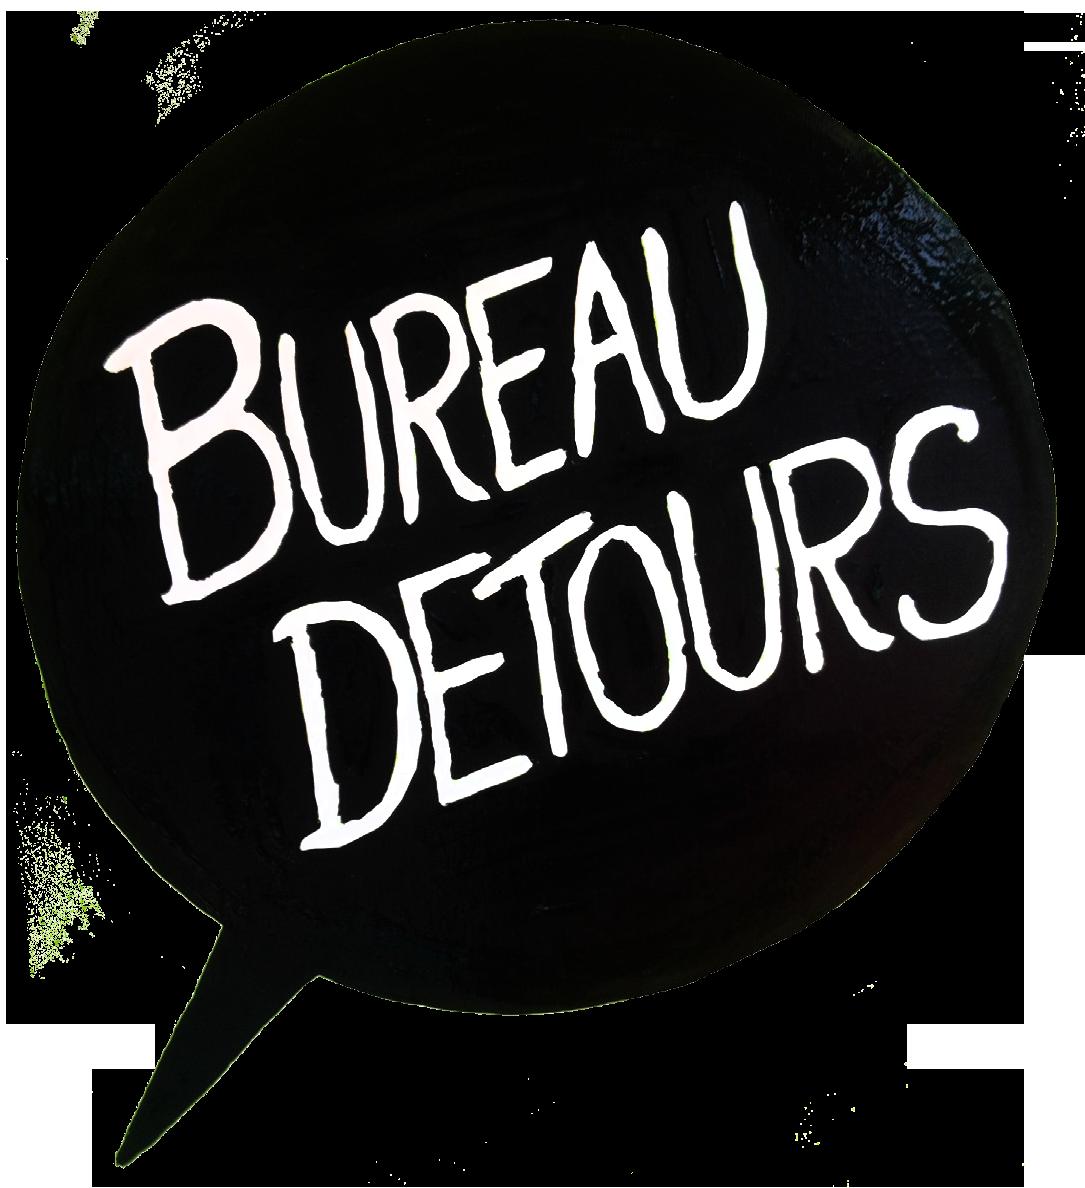 bd detours logo.png